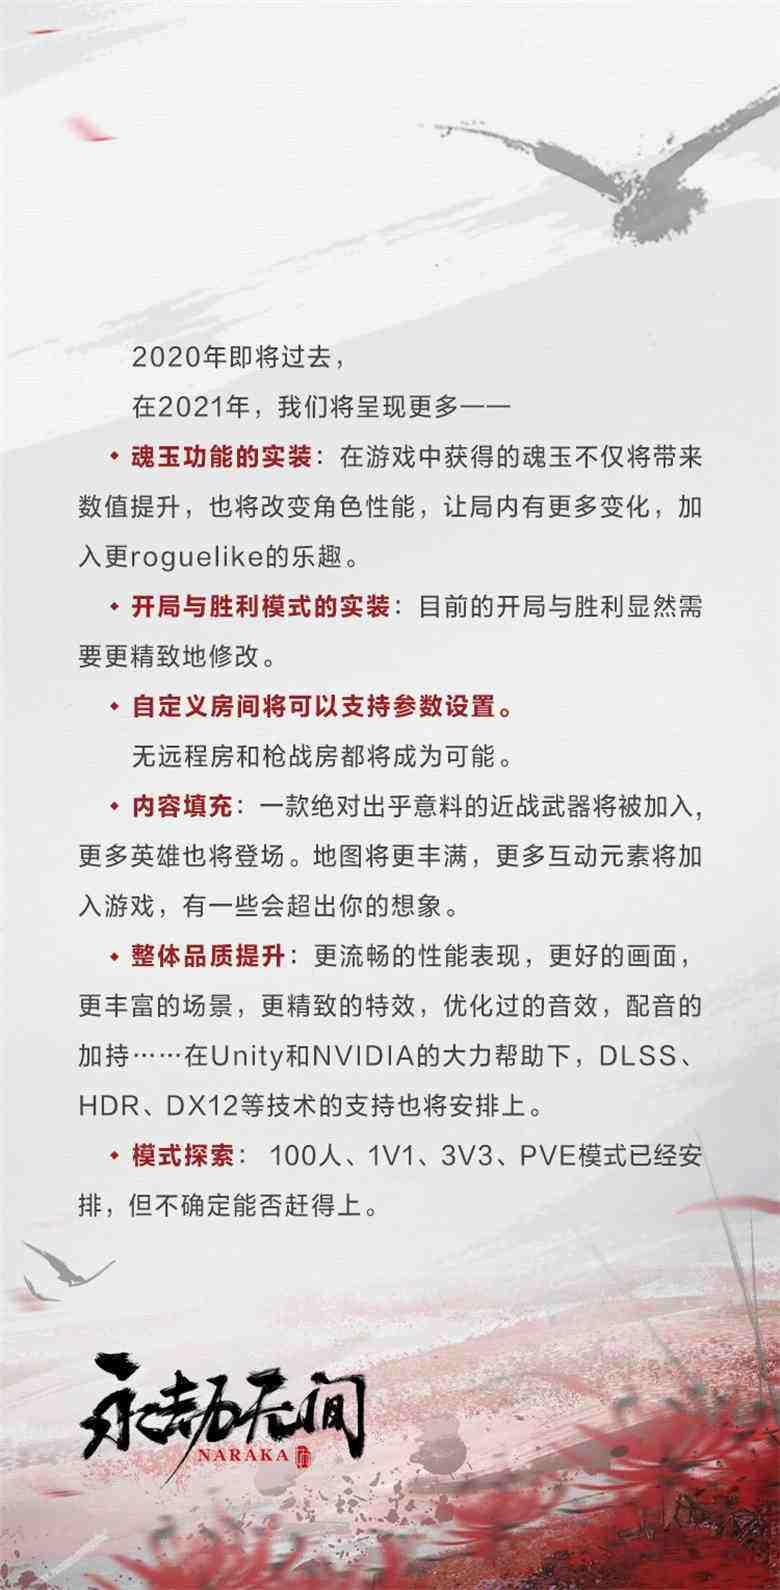 《永劫无间》宣布21年暑假上线,乌合麒麟版设定皮肤免费送